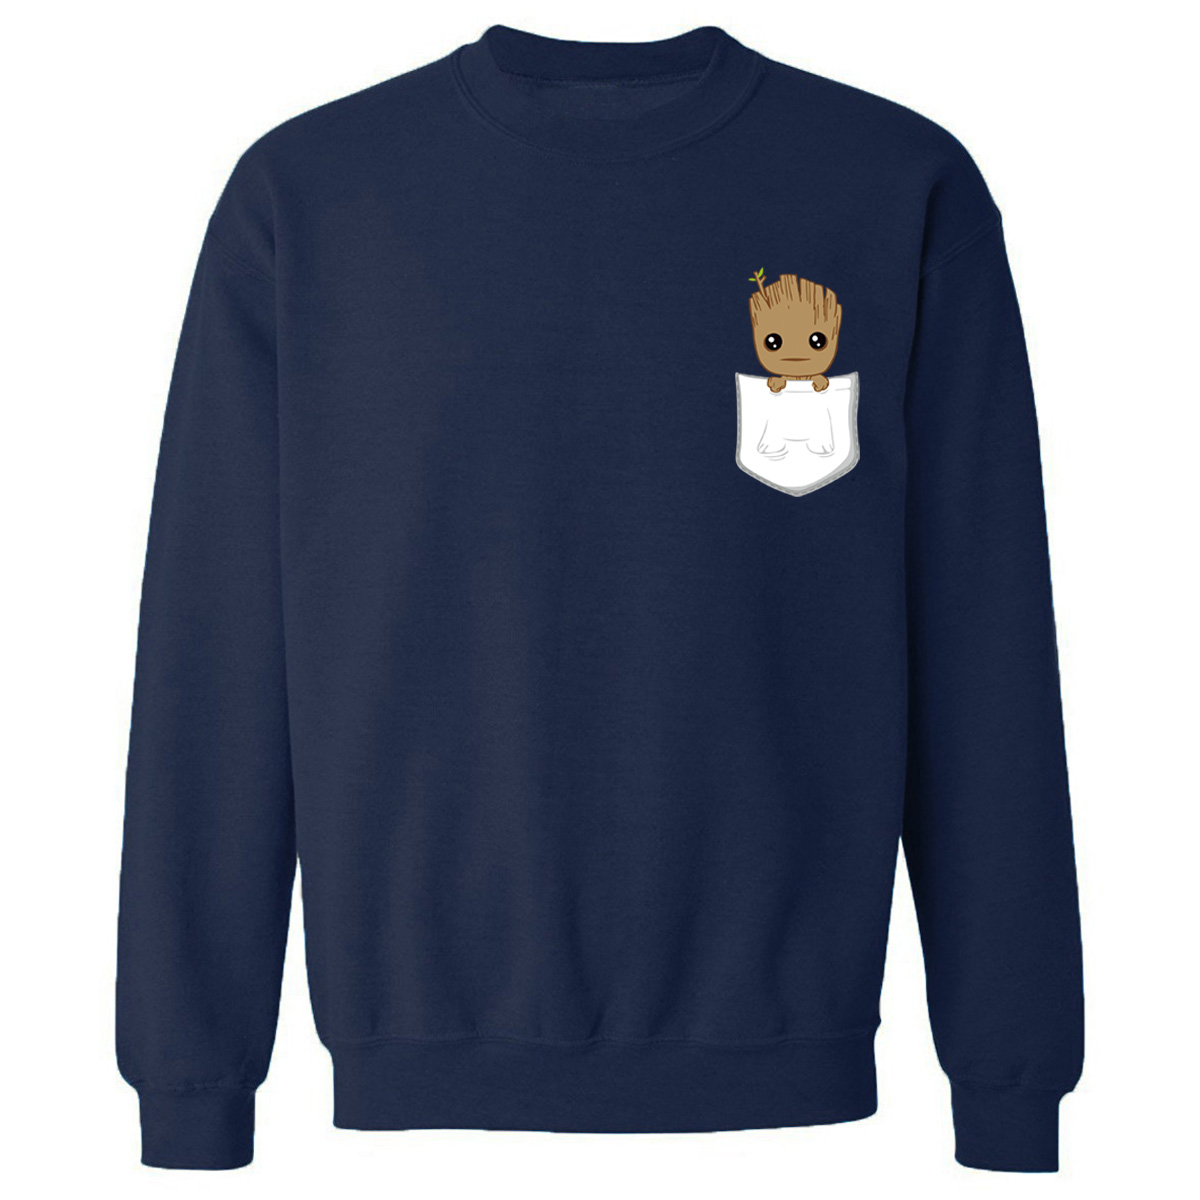 I AM Groot Hoodies Cute Print Hoodie Men Funny Sweatshirt 2019 New Autumn Tops Homme Marvel Groot Pullovers Casual Sweatshirts